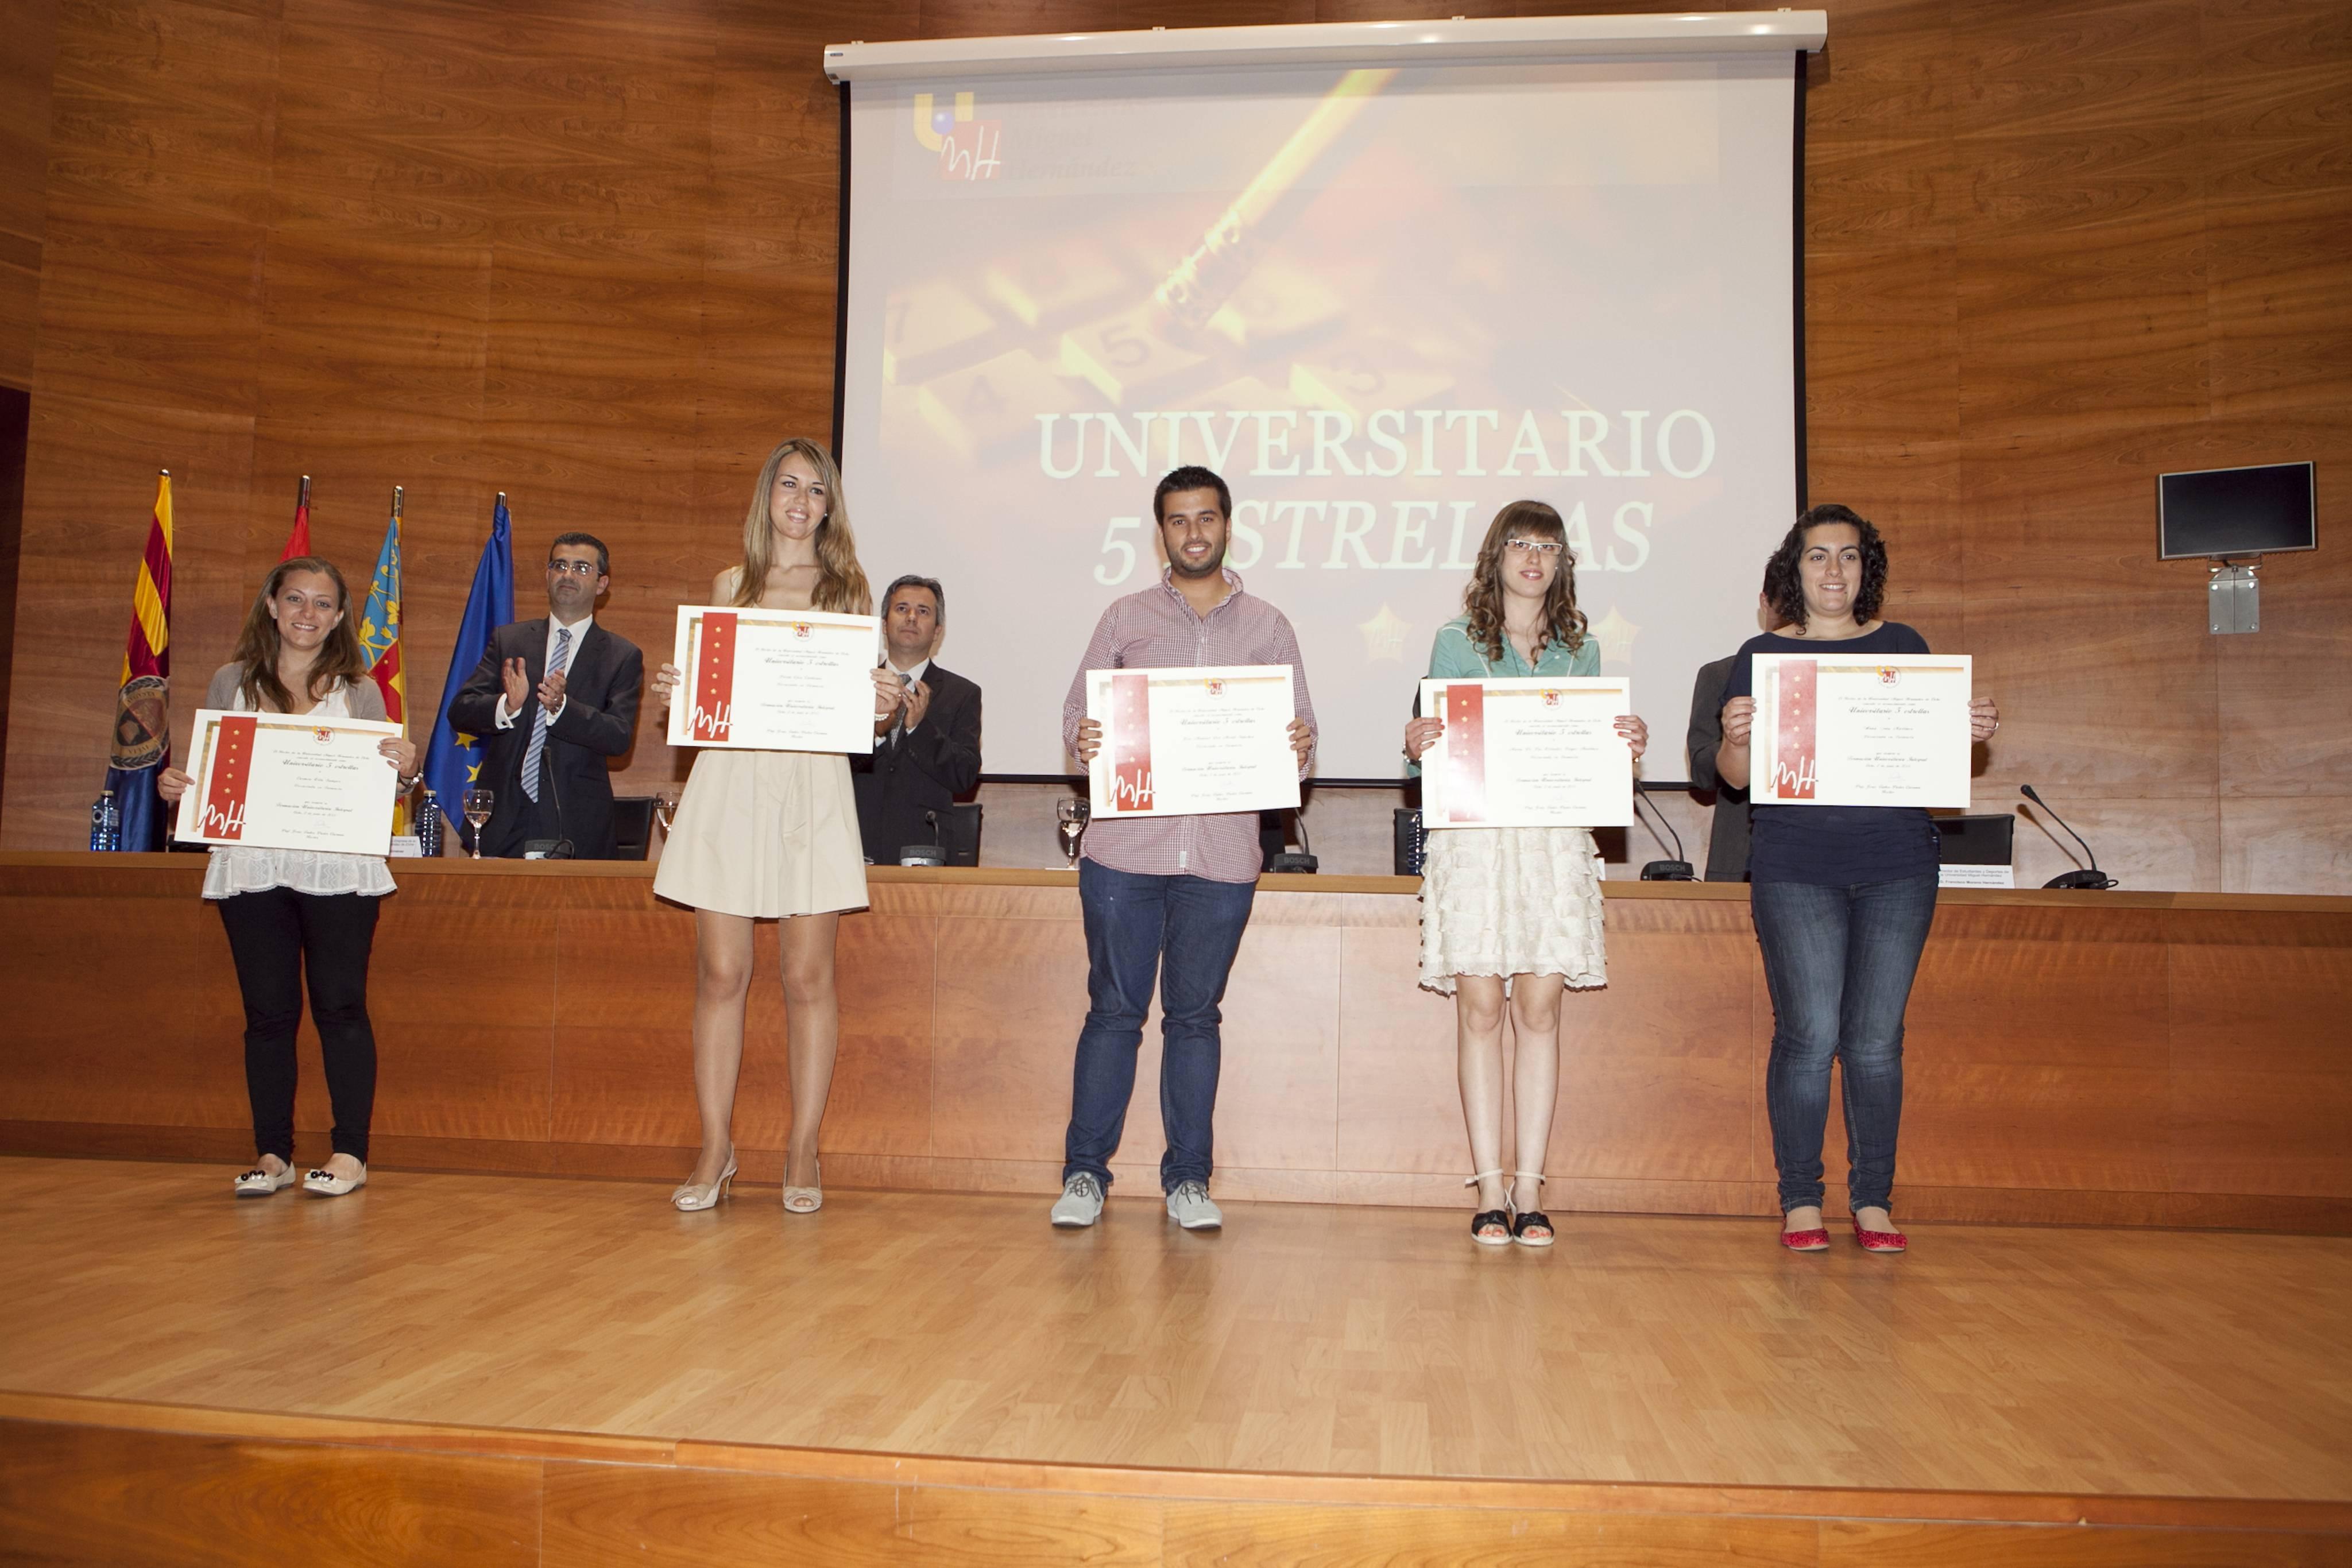 premios-5-estrellas_mg_0607.jpg